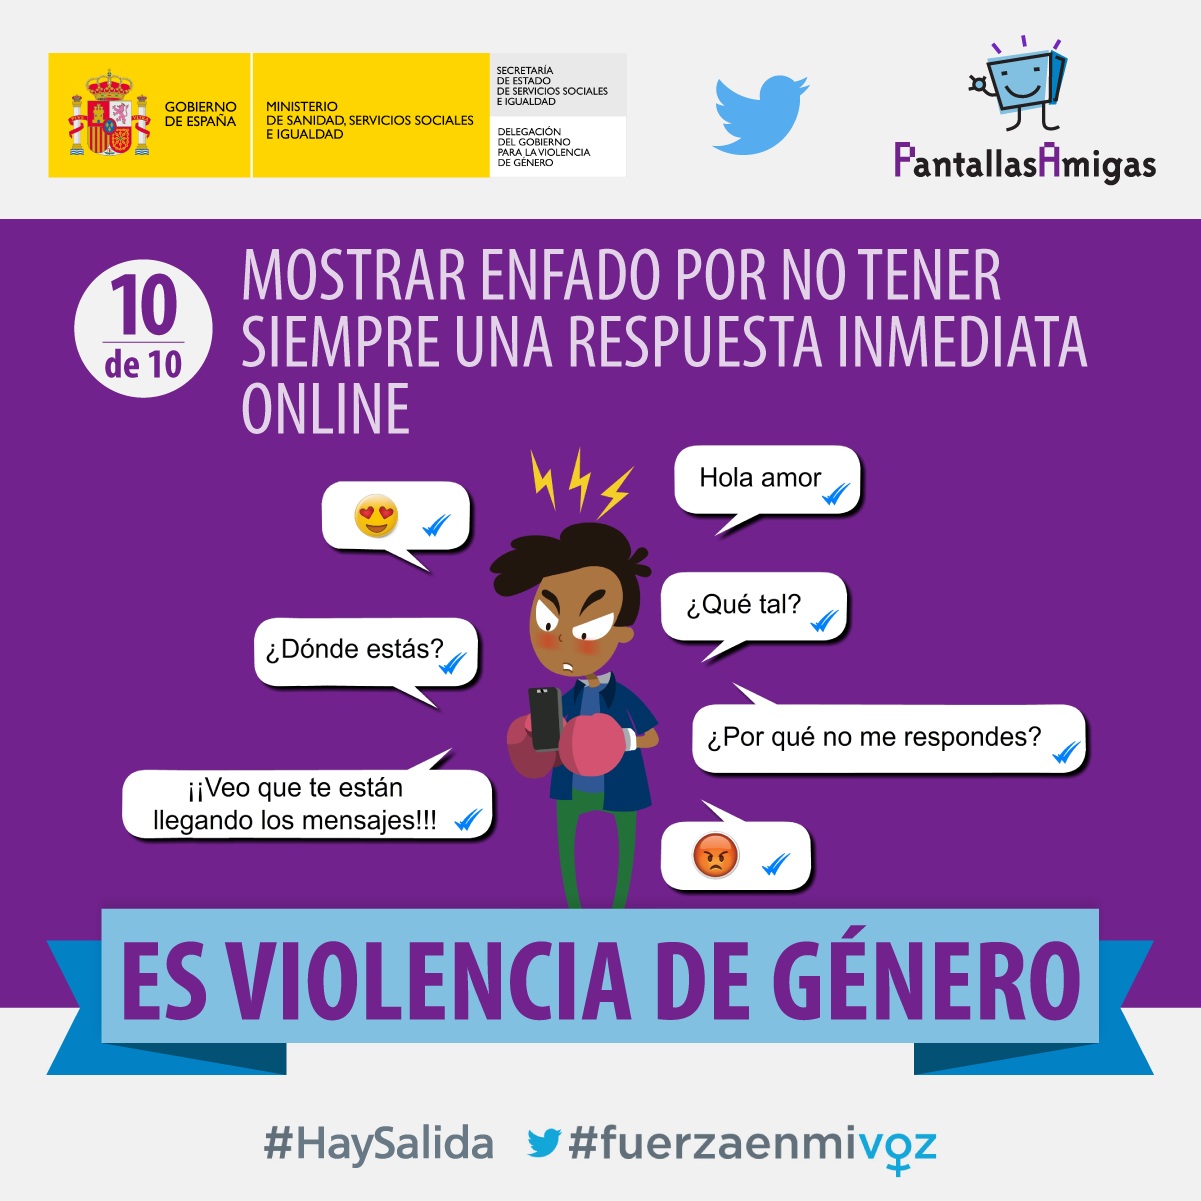 10-FORMAS-VIOLENCIA-DE-GÉNERO-DIGITAL_10_10_Disponibilidad